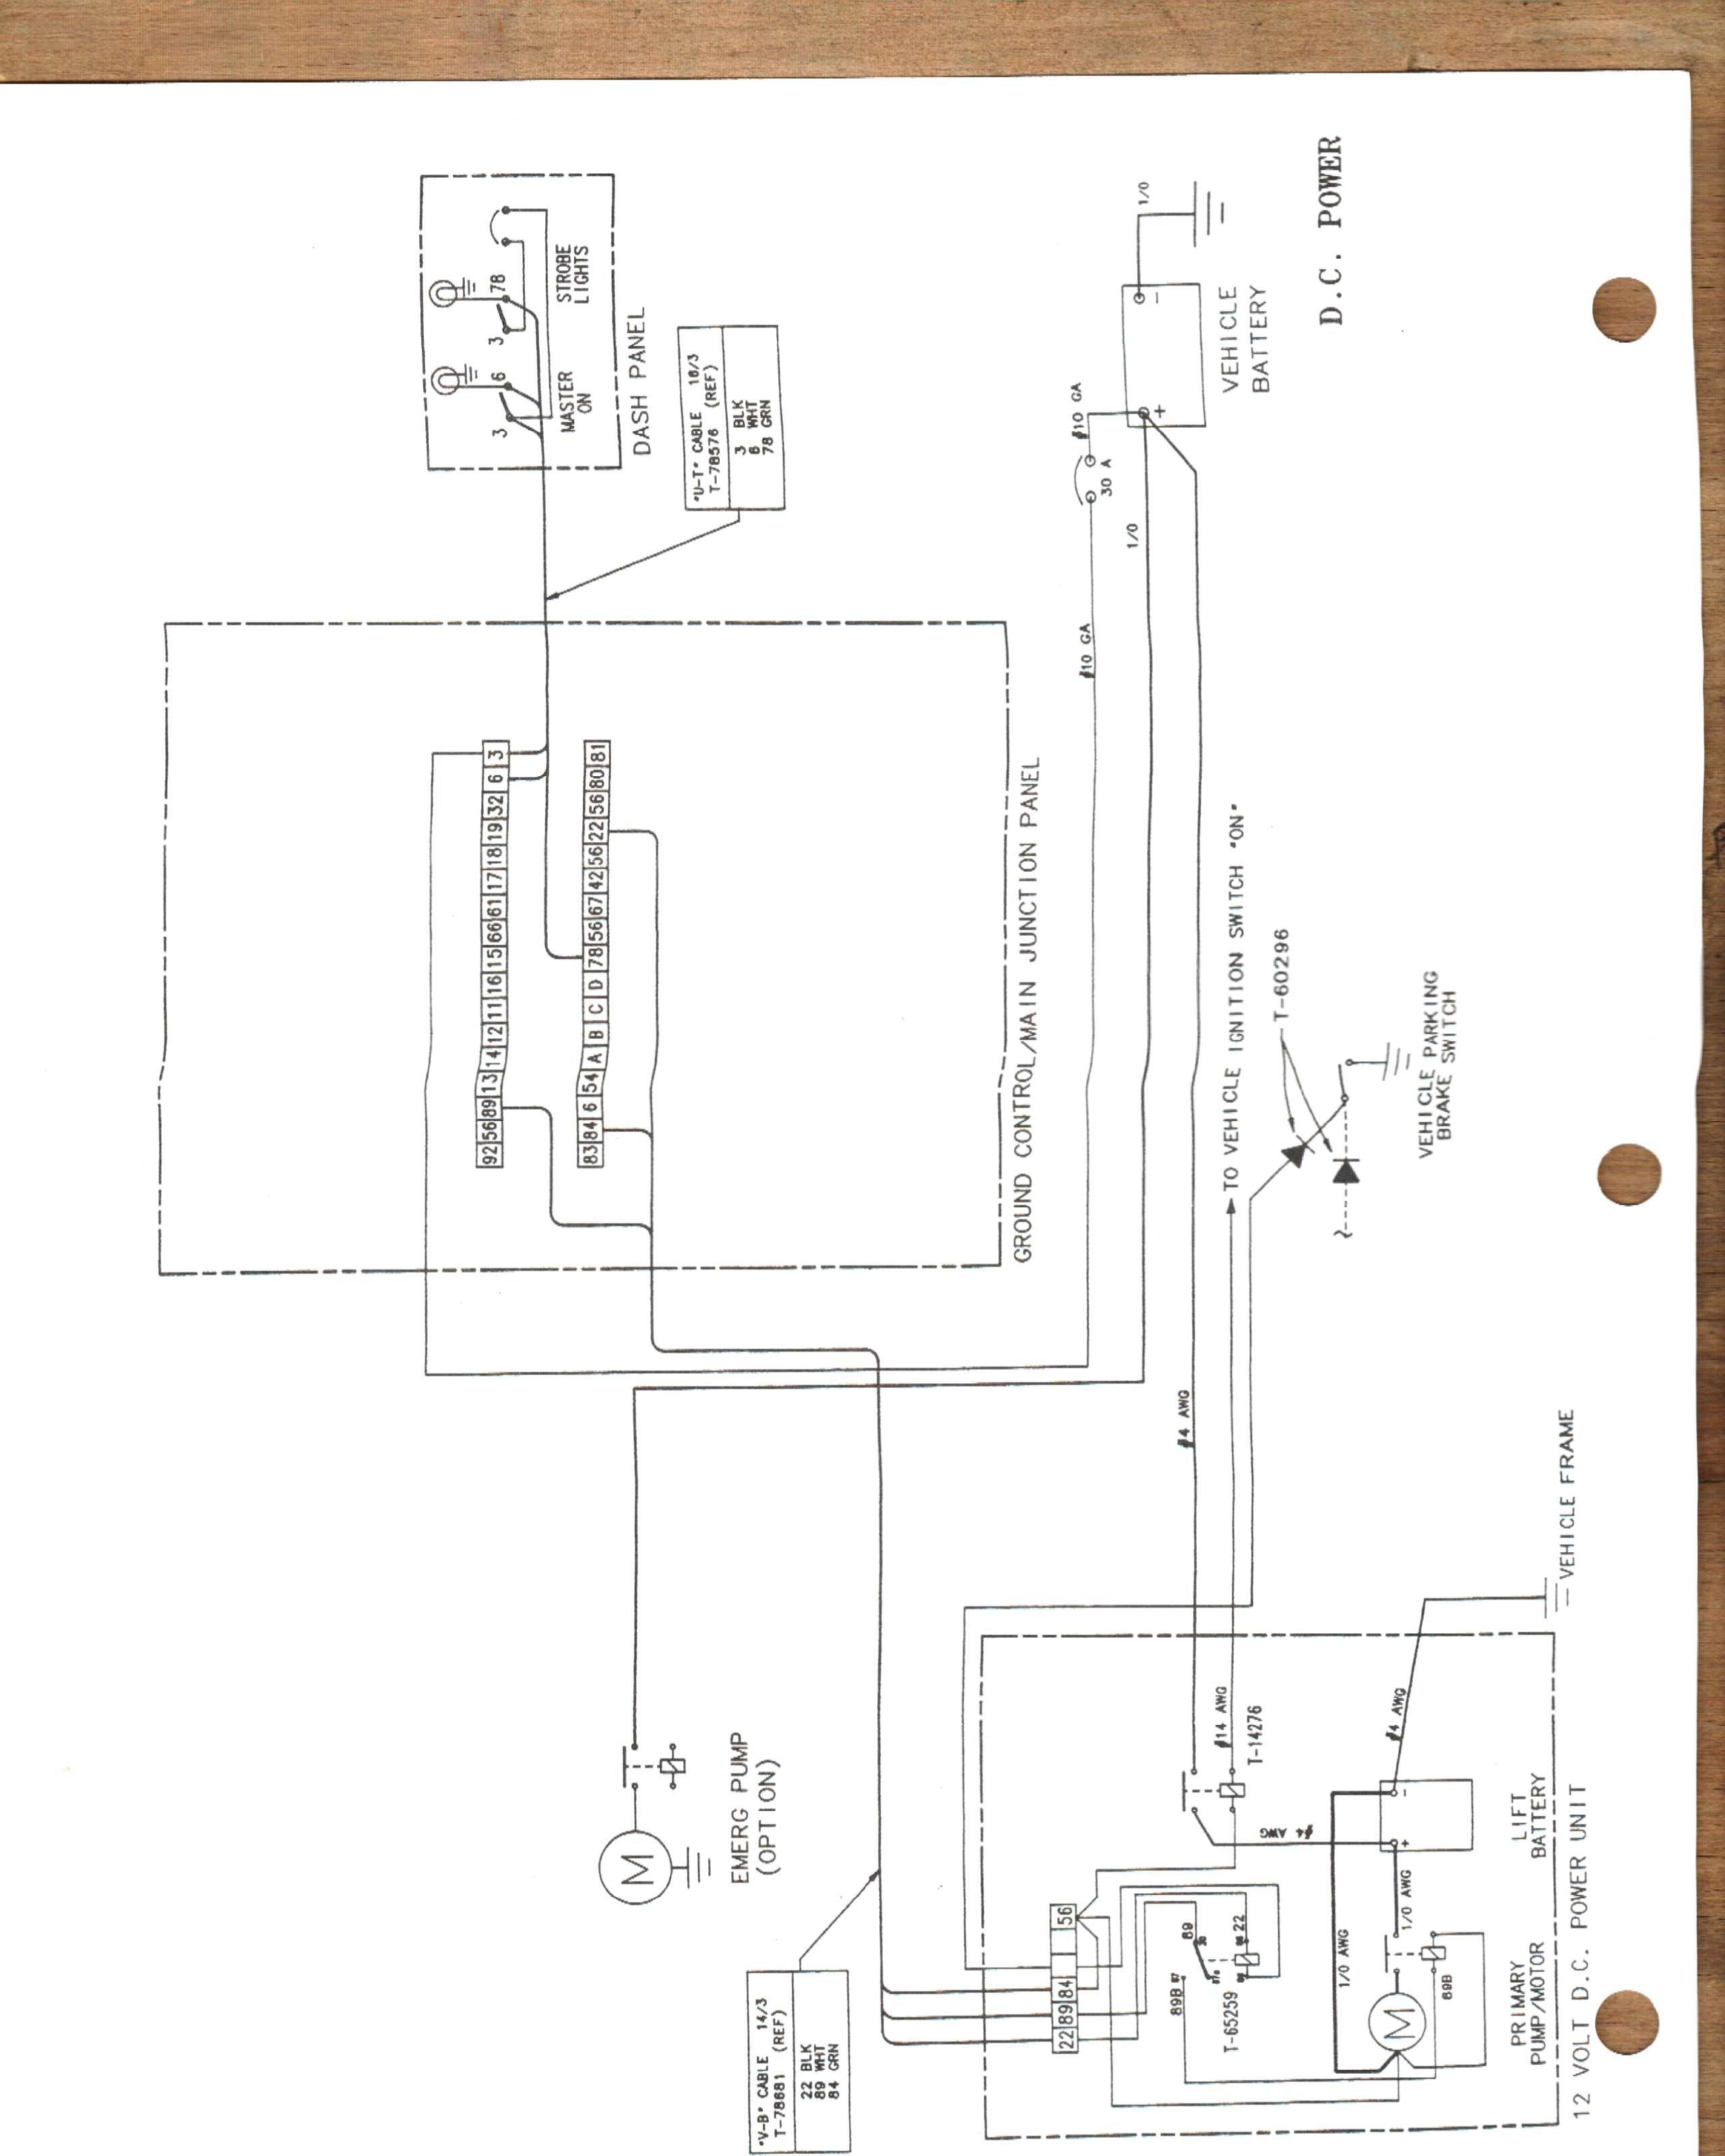 suzuki rmz 450 engine diagram suzuki wiring diagrams